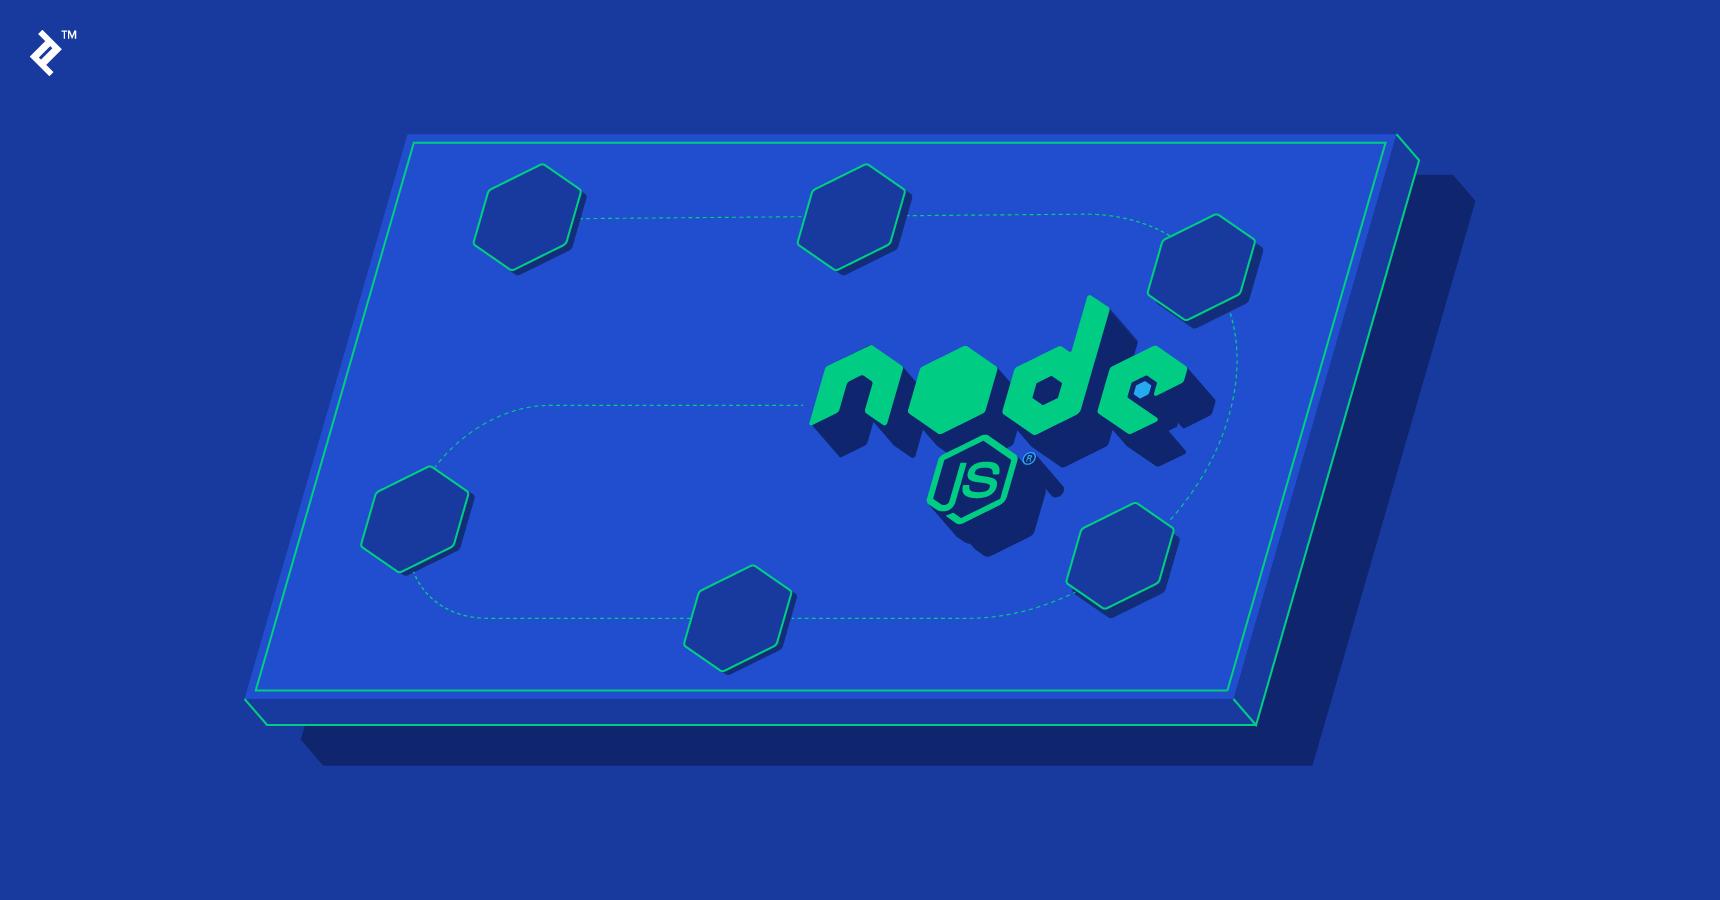 ¿Por qué demonios usaría Node.js? Un tutorial caso por caso